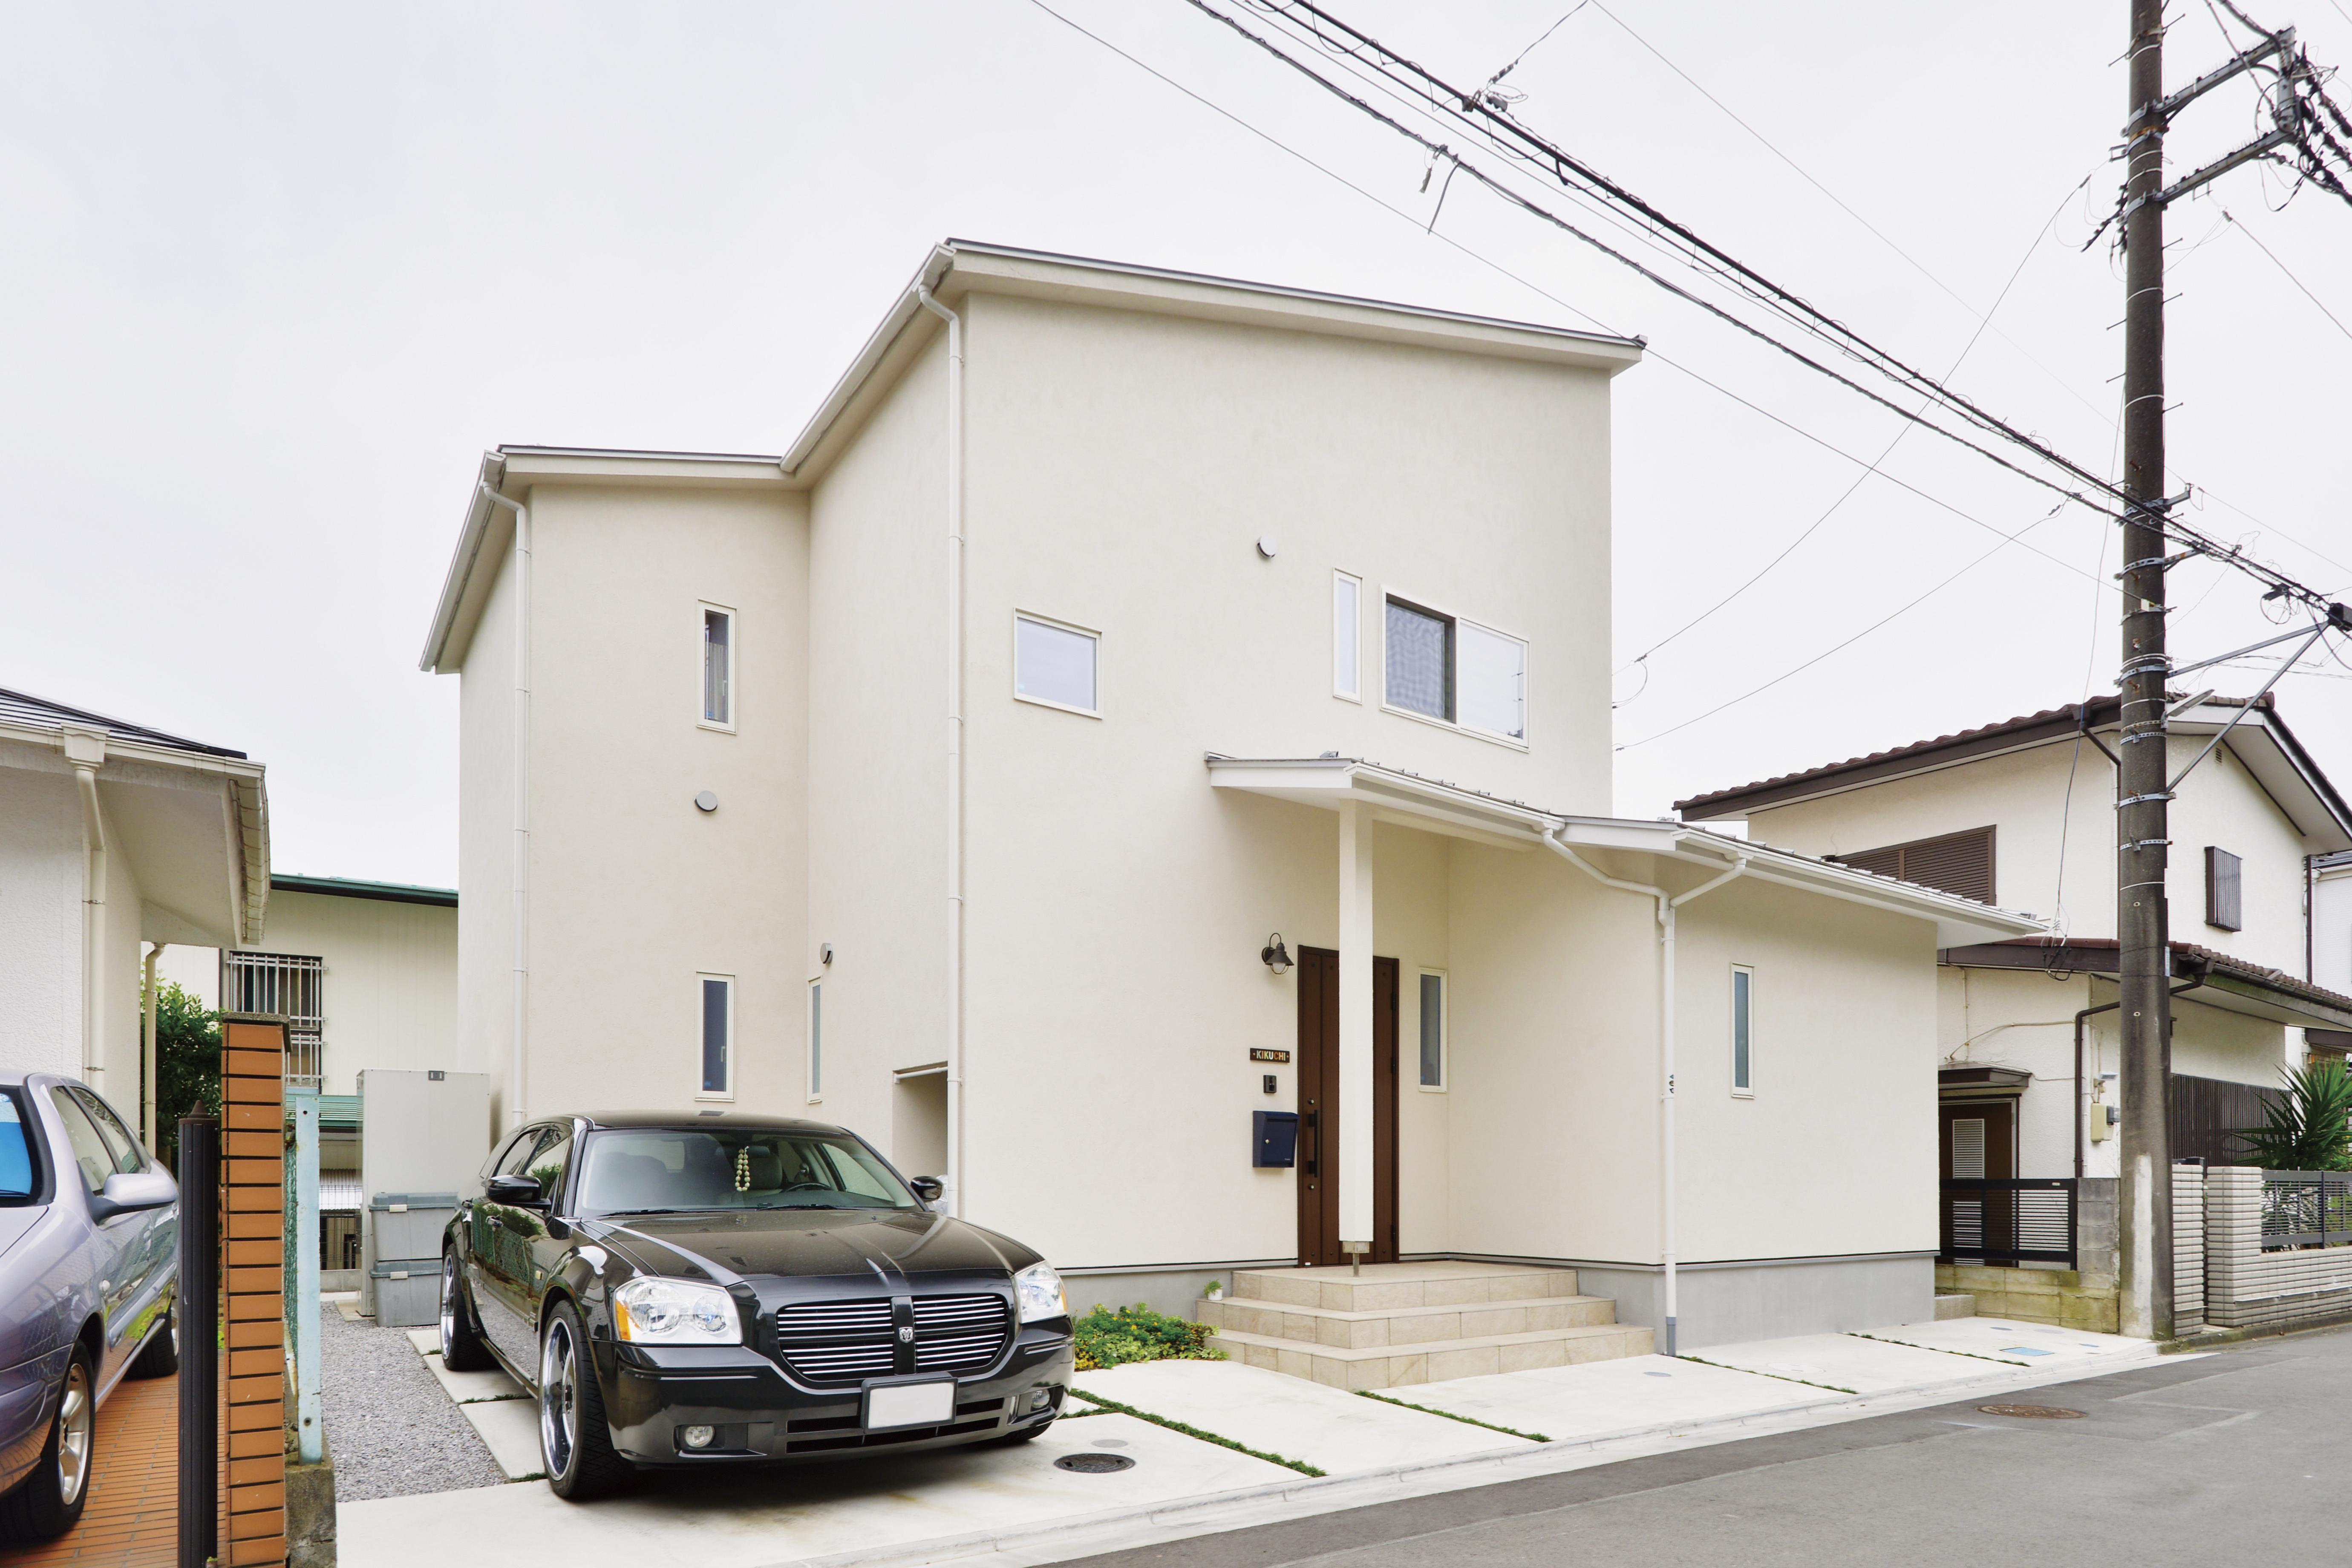 藤沢駅に通勤出来る家を建てる!Simple naturalの家